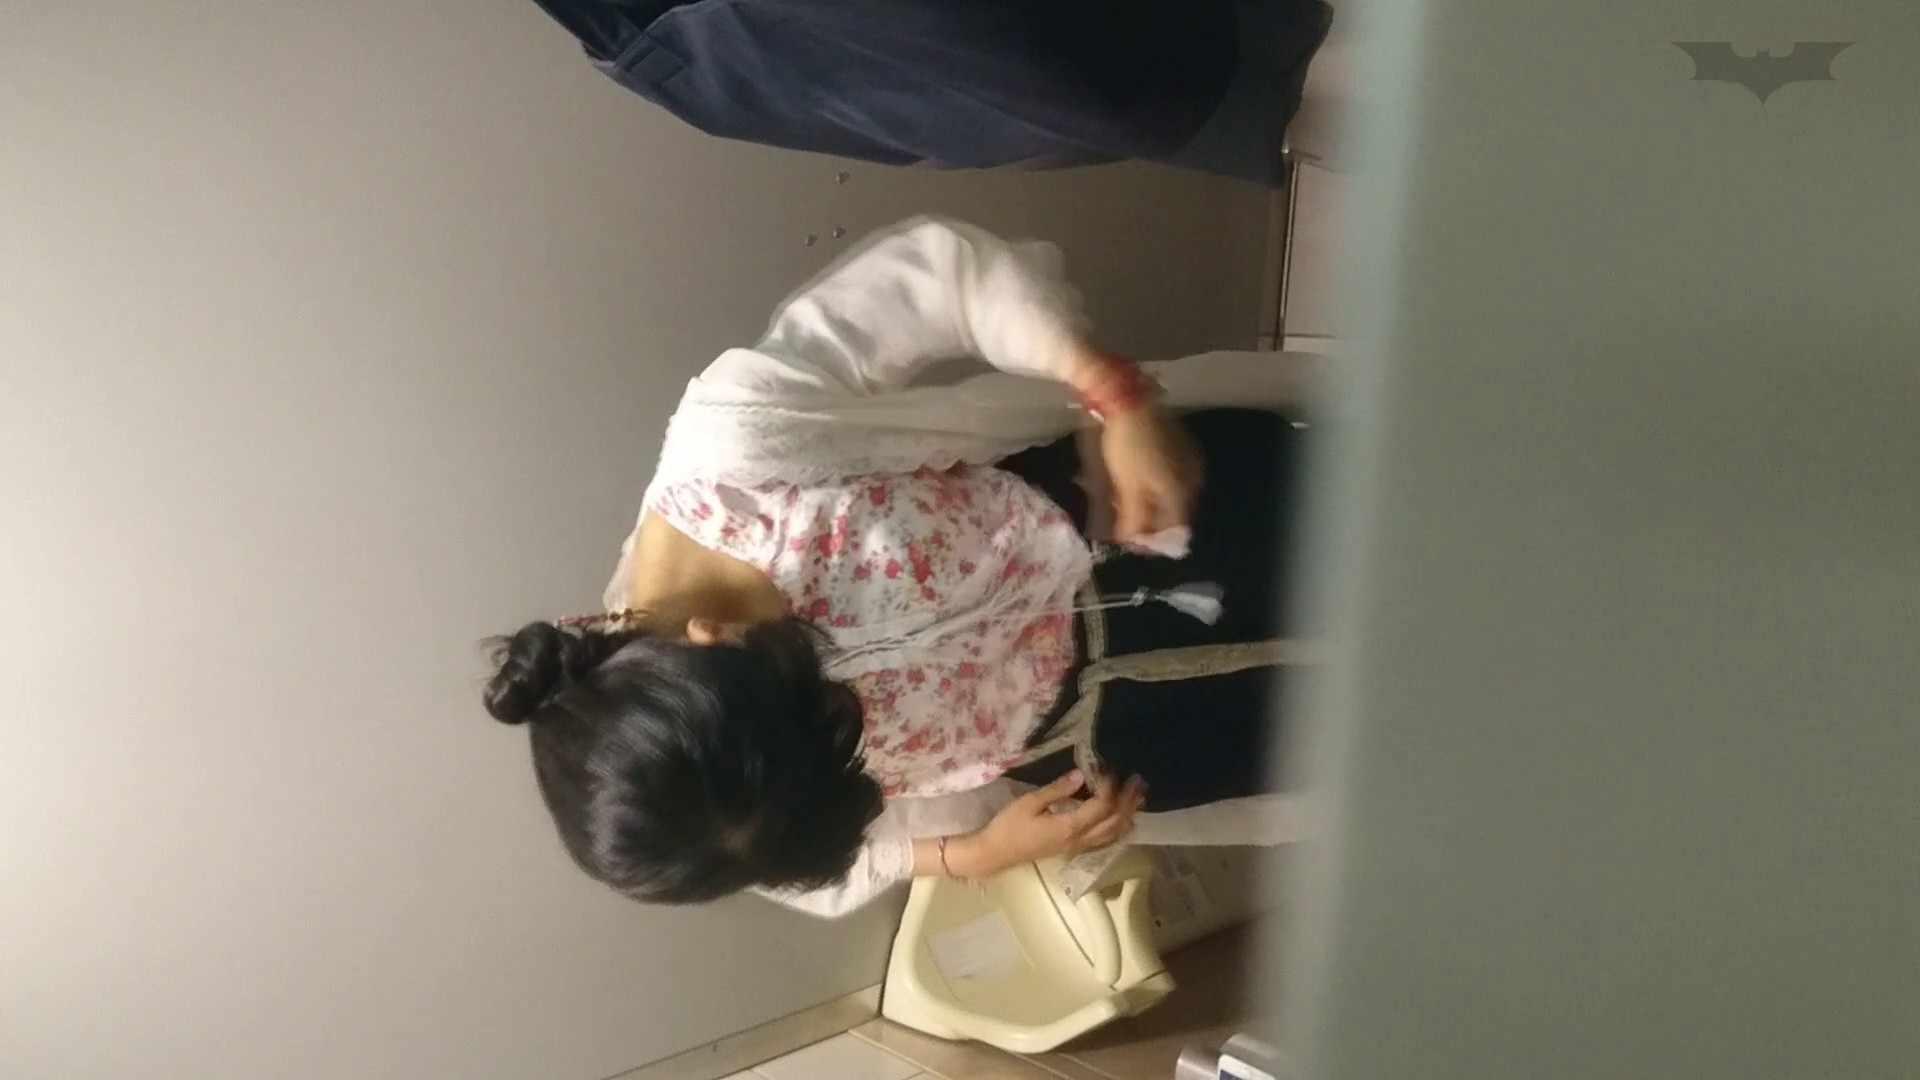 化粧室絵巻 ショッピングモール編 VOL.25 ギャル達 ワレメ無修正動画無料 94枚 20